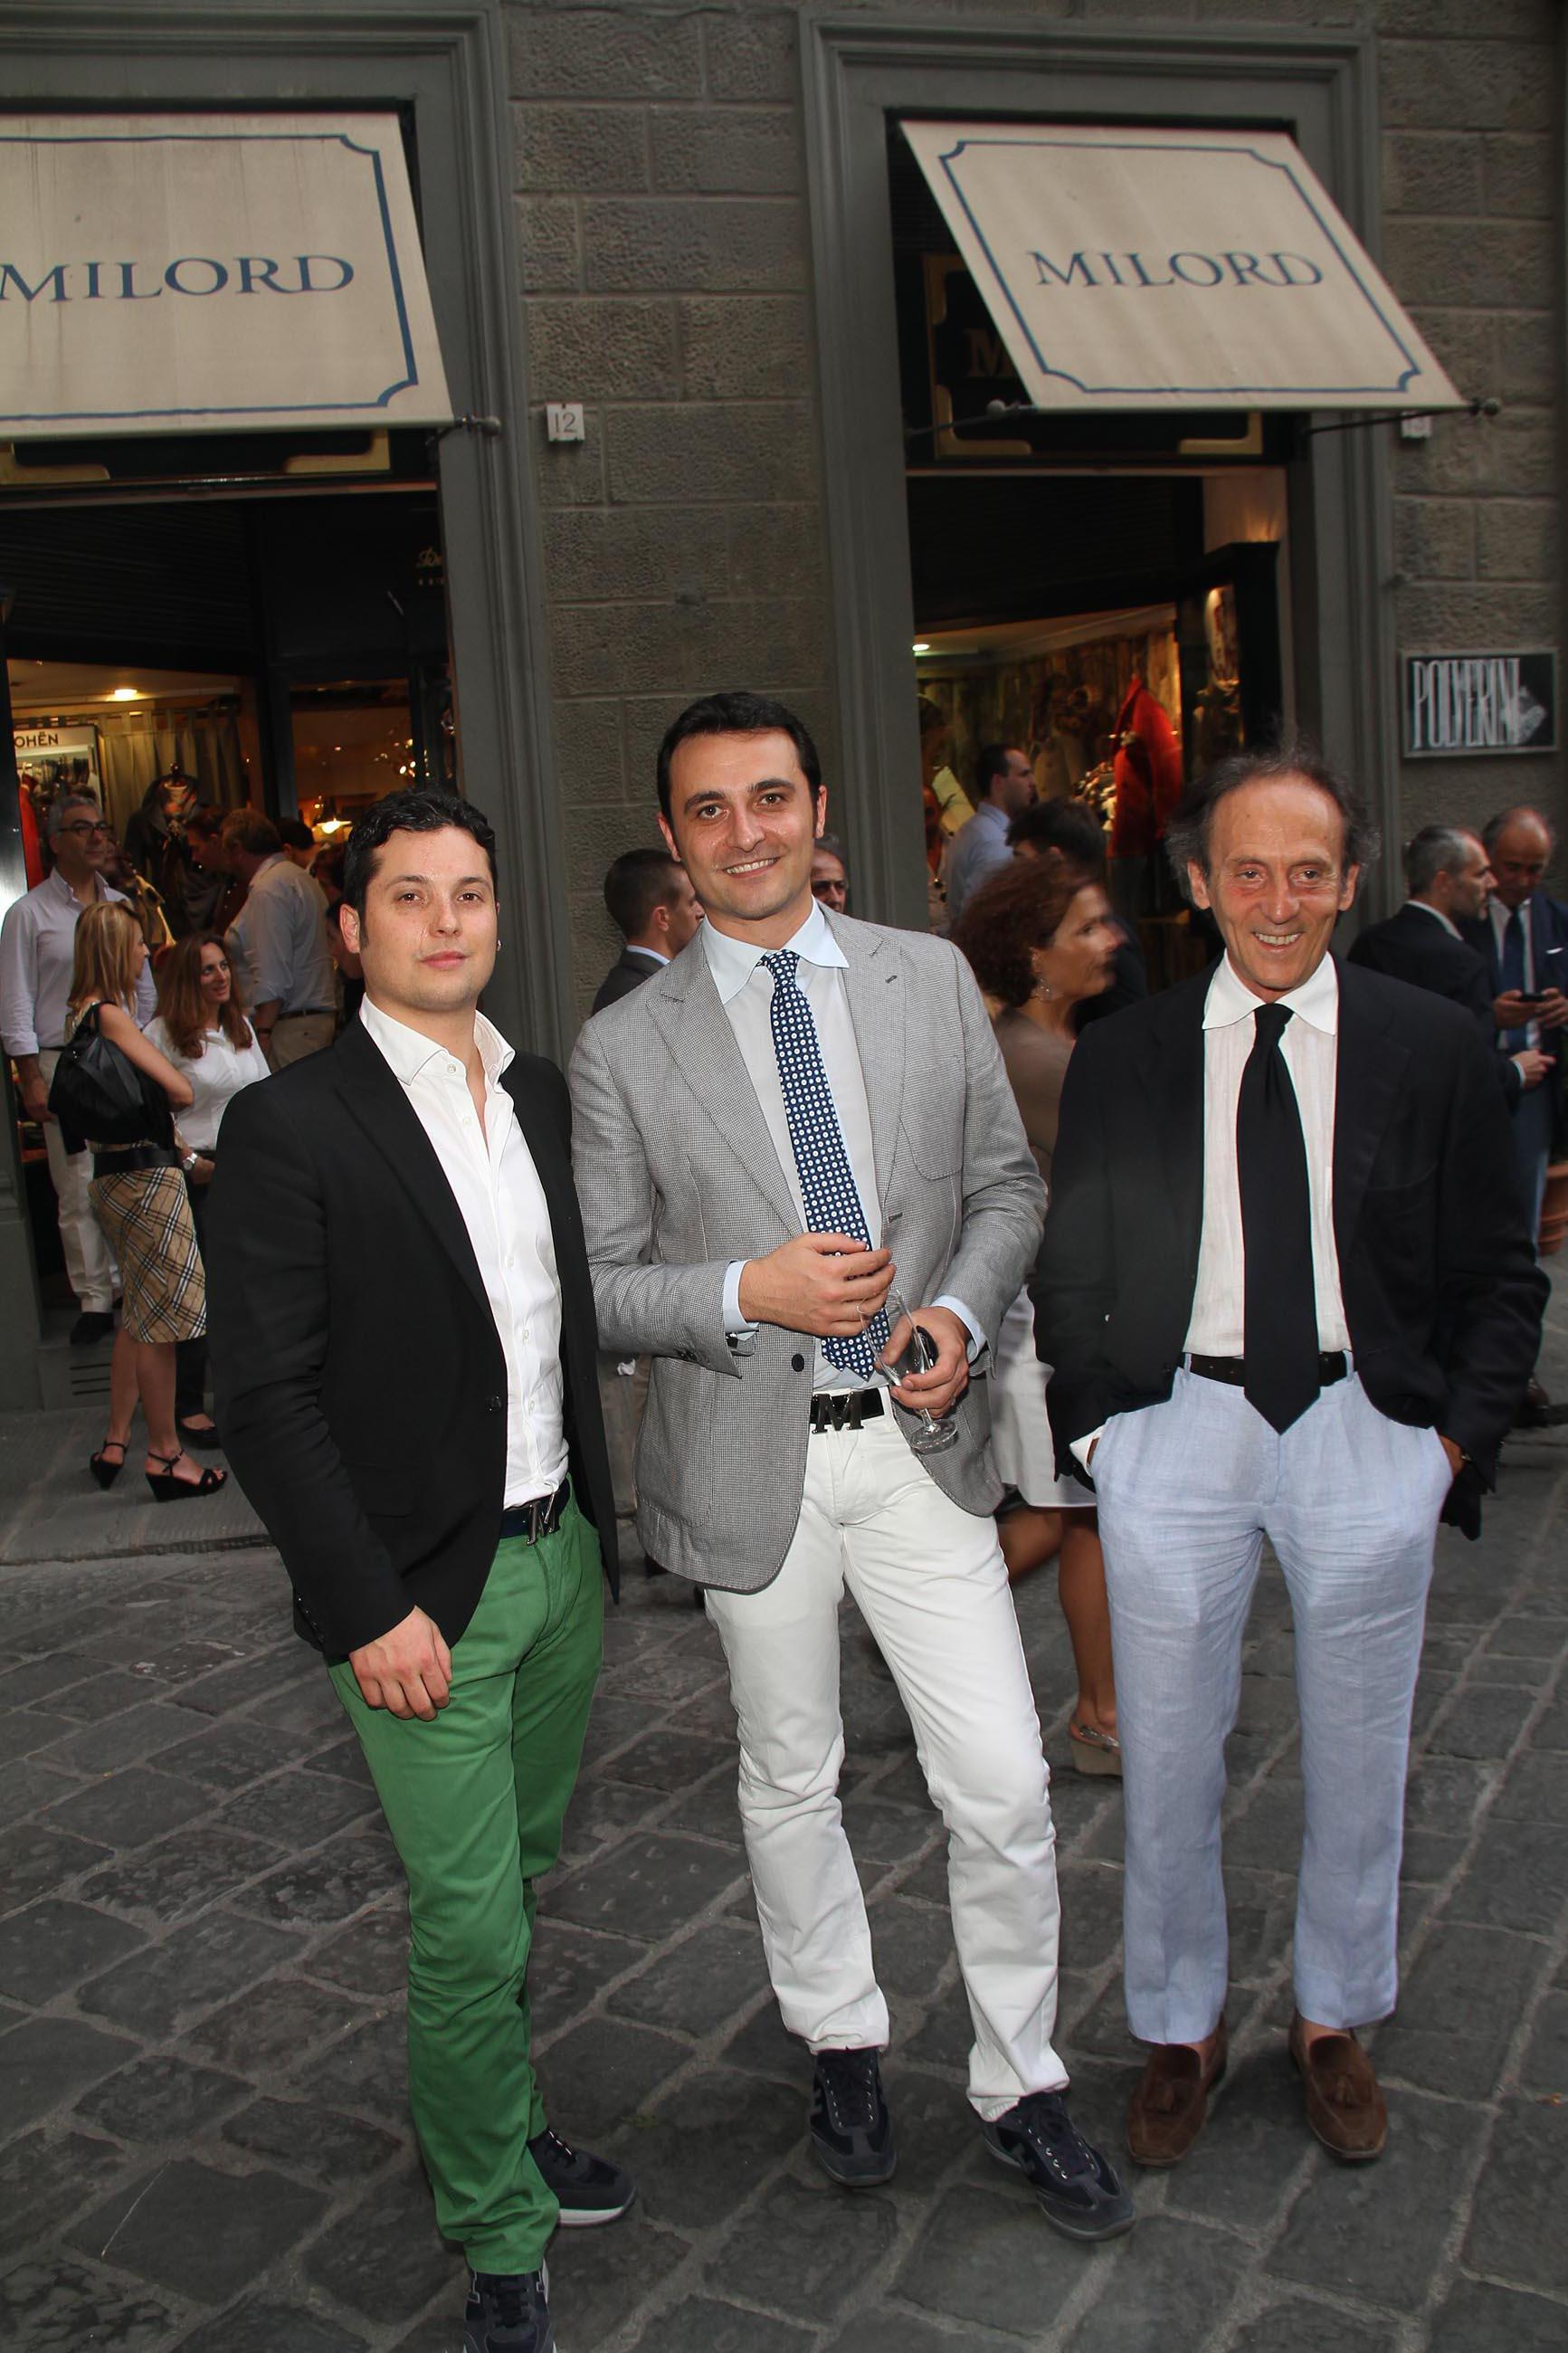 PRESSPHOTO Firenze, Evento Milord Aston Martin. Nella foto Gianluca Mastrolia, Romino Marzullo, Massimo D'Amato